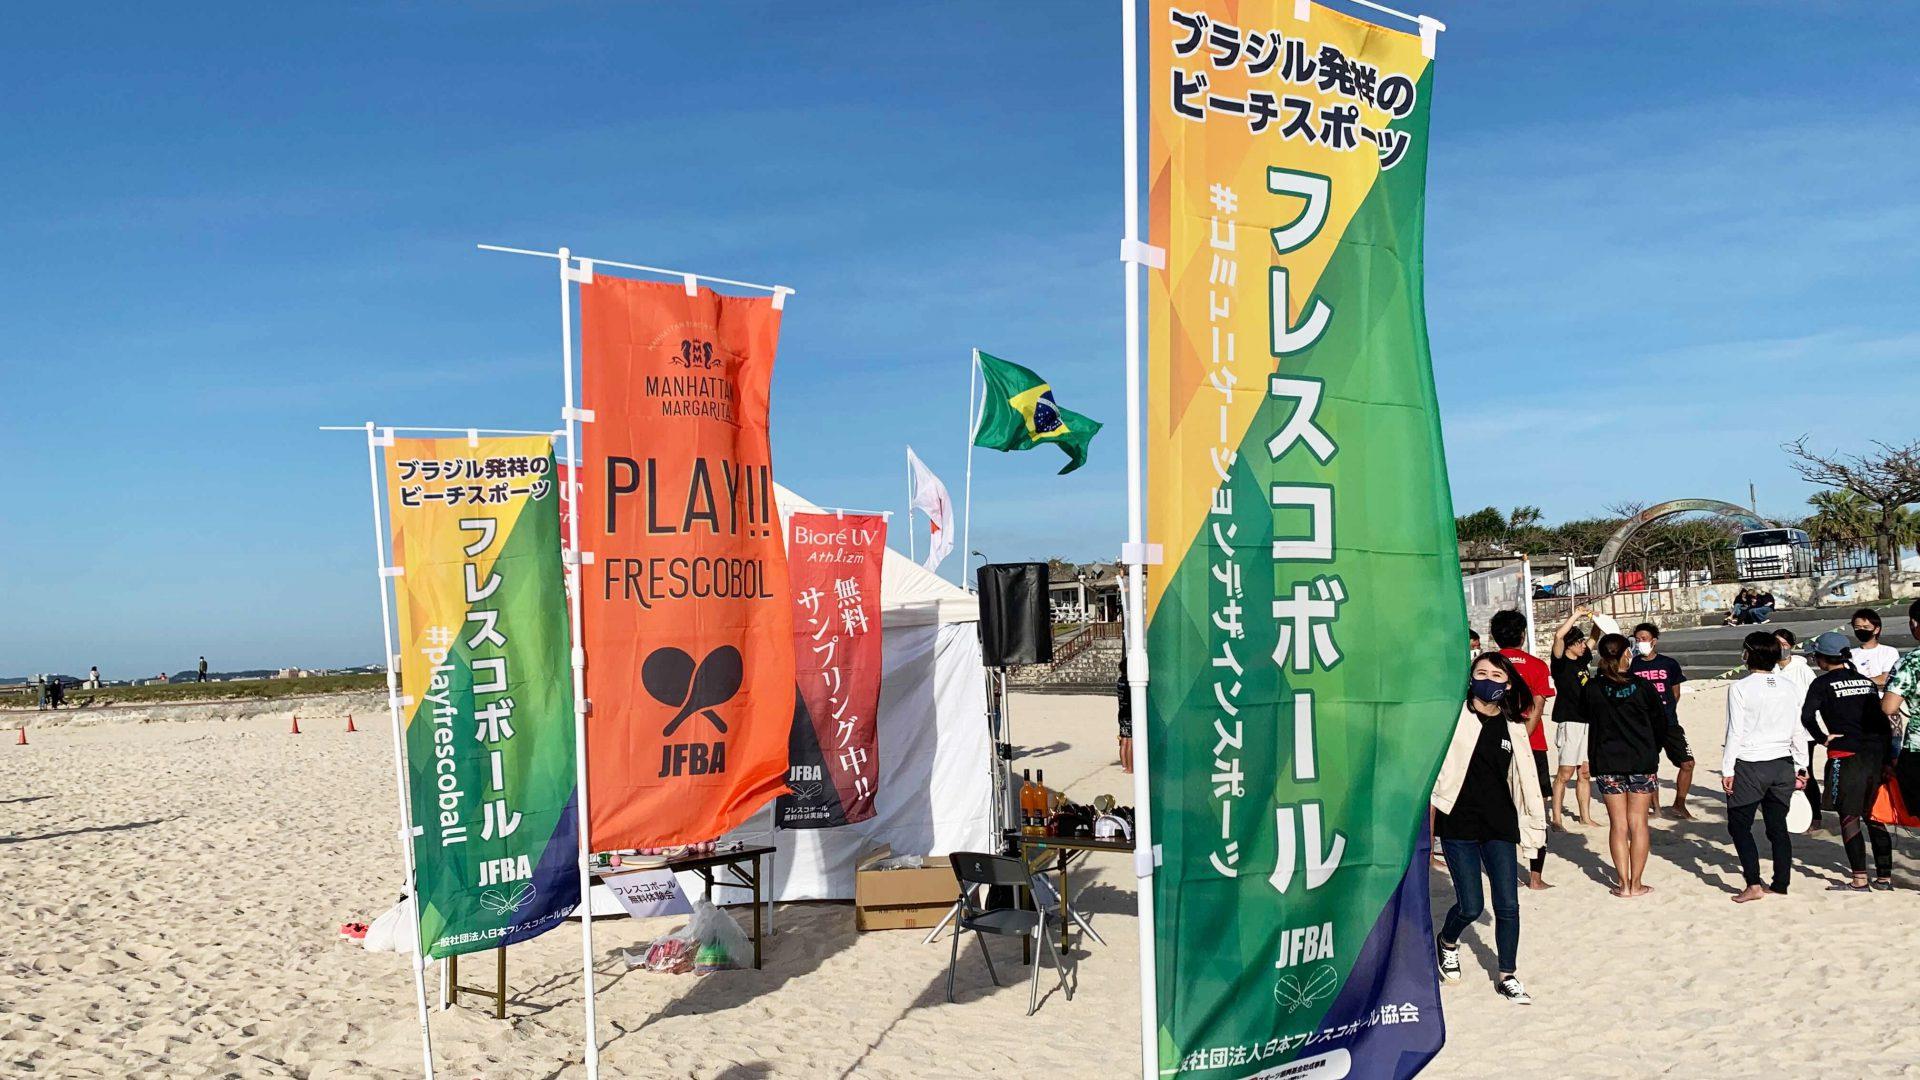 【沖縄フレスコボールキャンプ2021】 ハマること間違いなし!フレスコボールの魅力とは!?